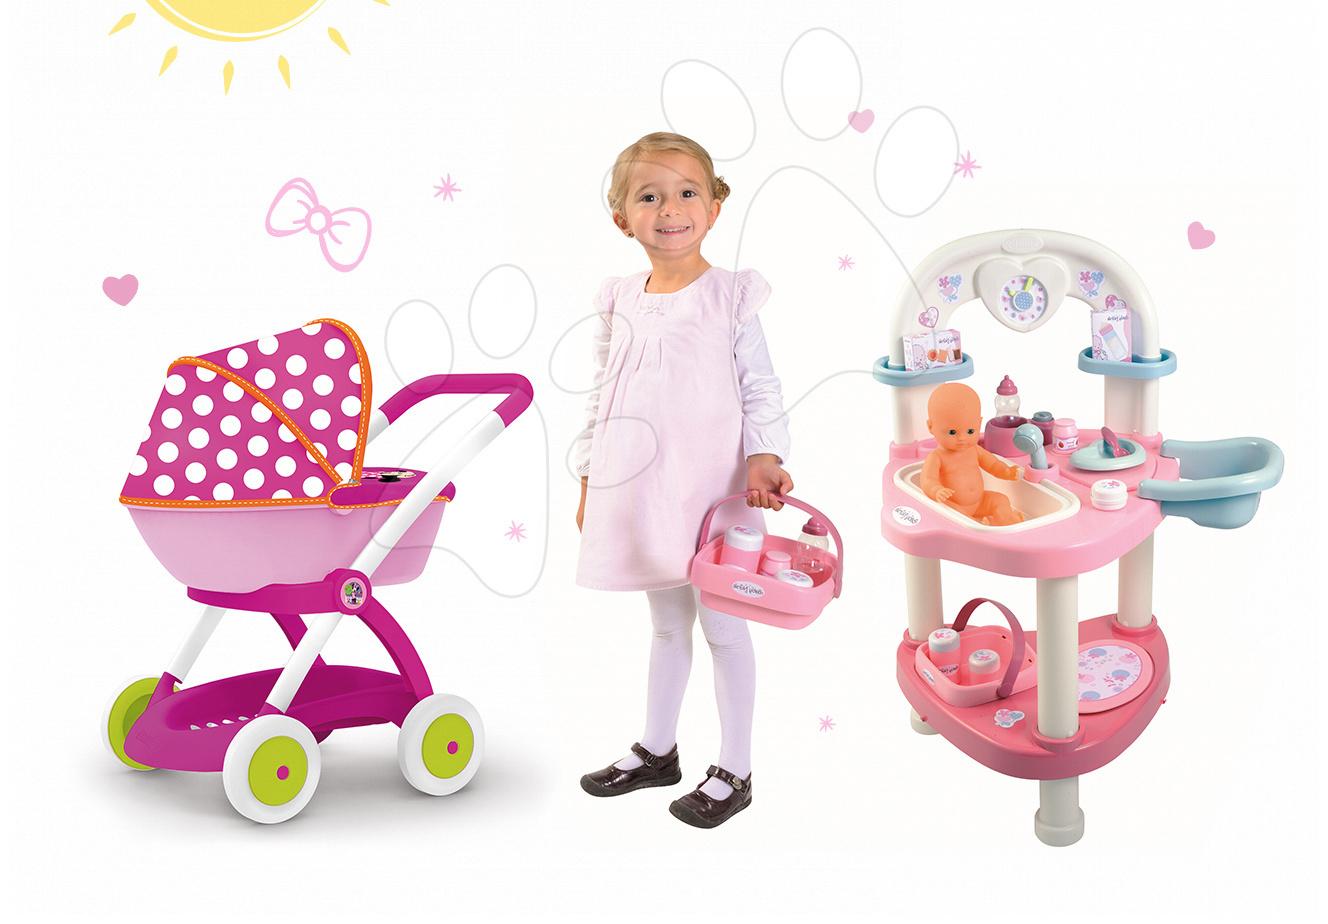 Domčeky pre bábiky sety - Set prebaľovací stôl Baby Nurse Srdiečko Smoby a hlboký kočík pre bábiku Minnie (58 cm rúčka)